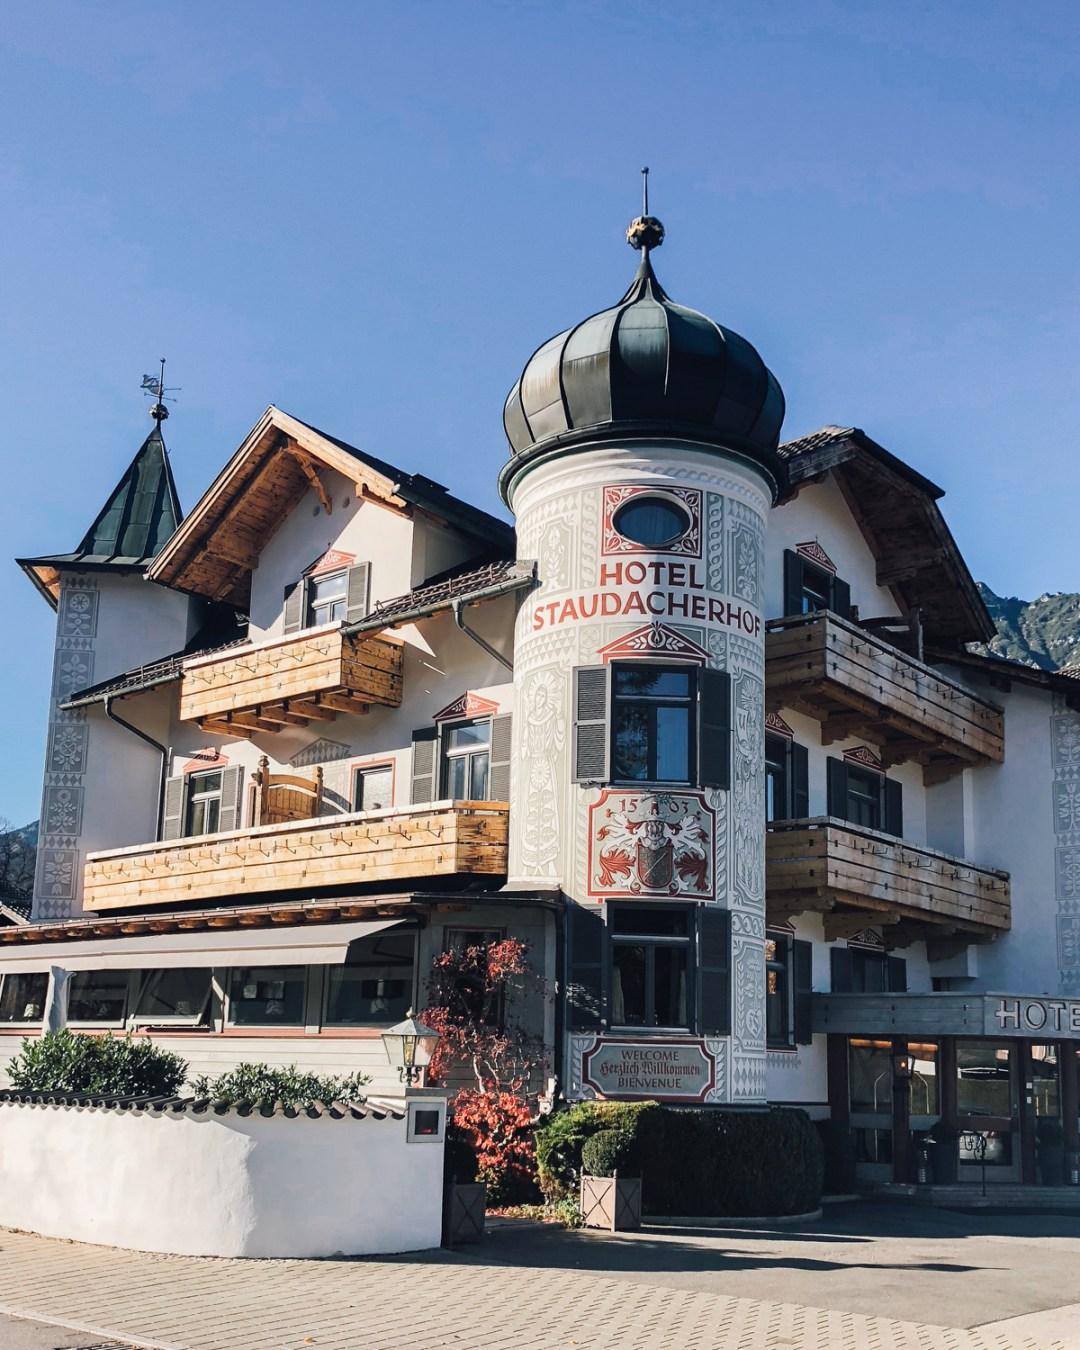 Inastil, Garmisch, Staudacherhof, Wellnesshotel, Zugspitze, Reiseblog, Ü50Blogger, Reiseblogger, Ü50Lifestyleblogger, Bayern, Kurzurlaub-27